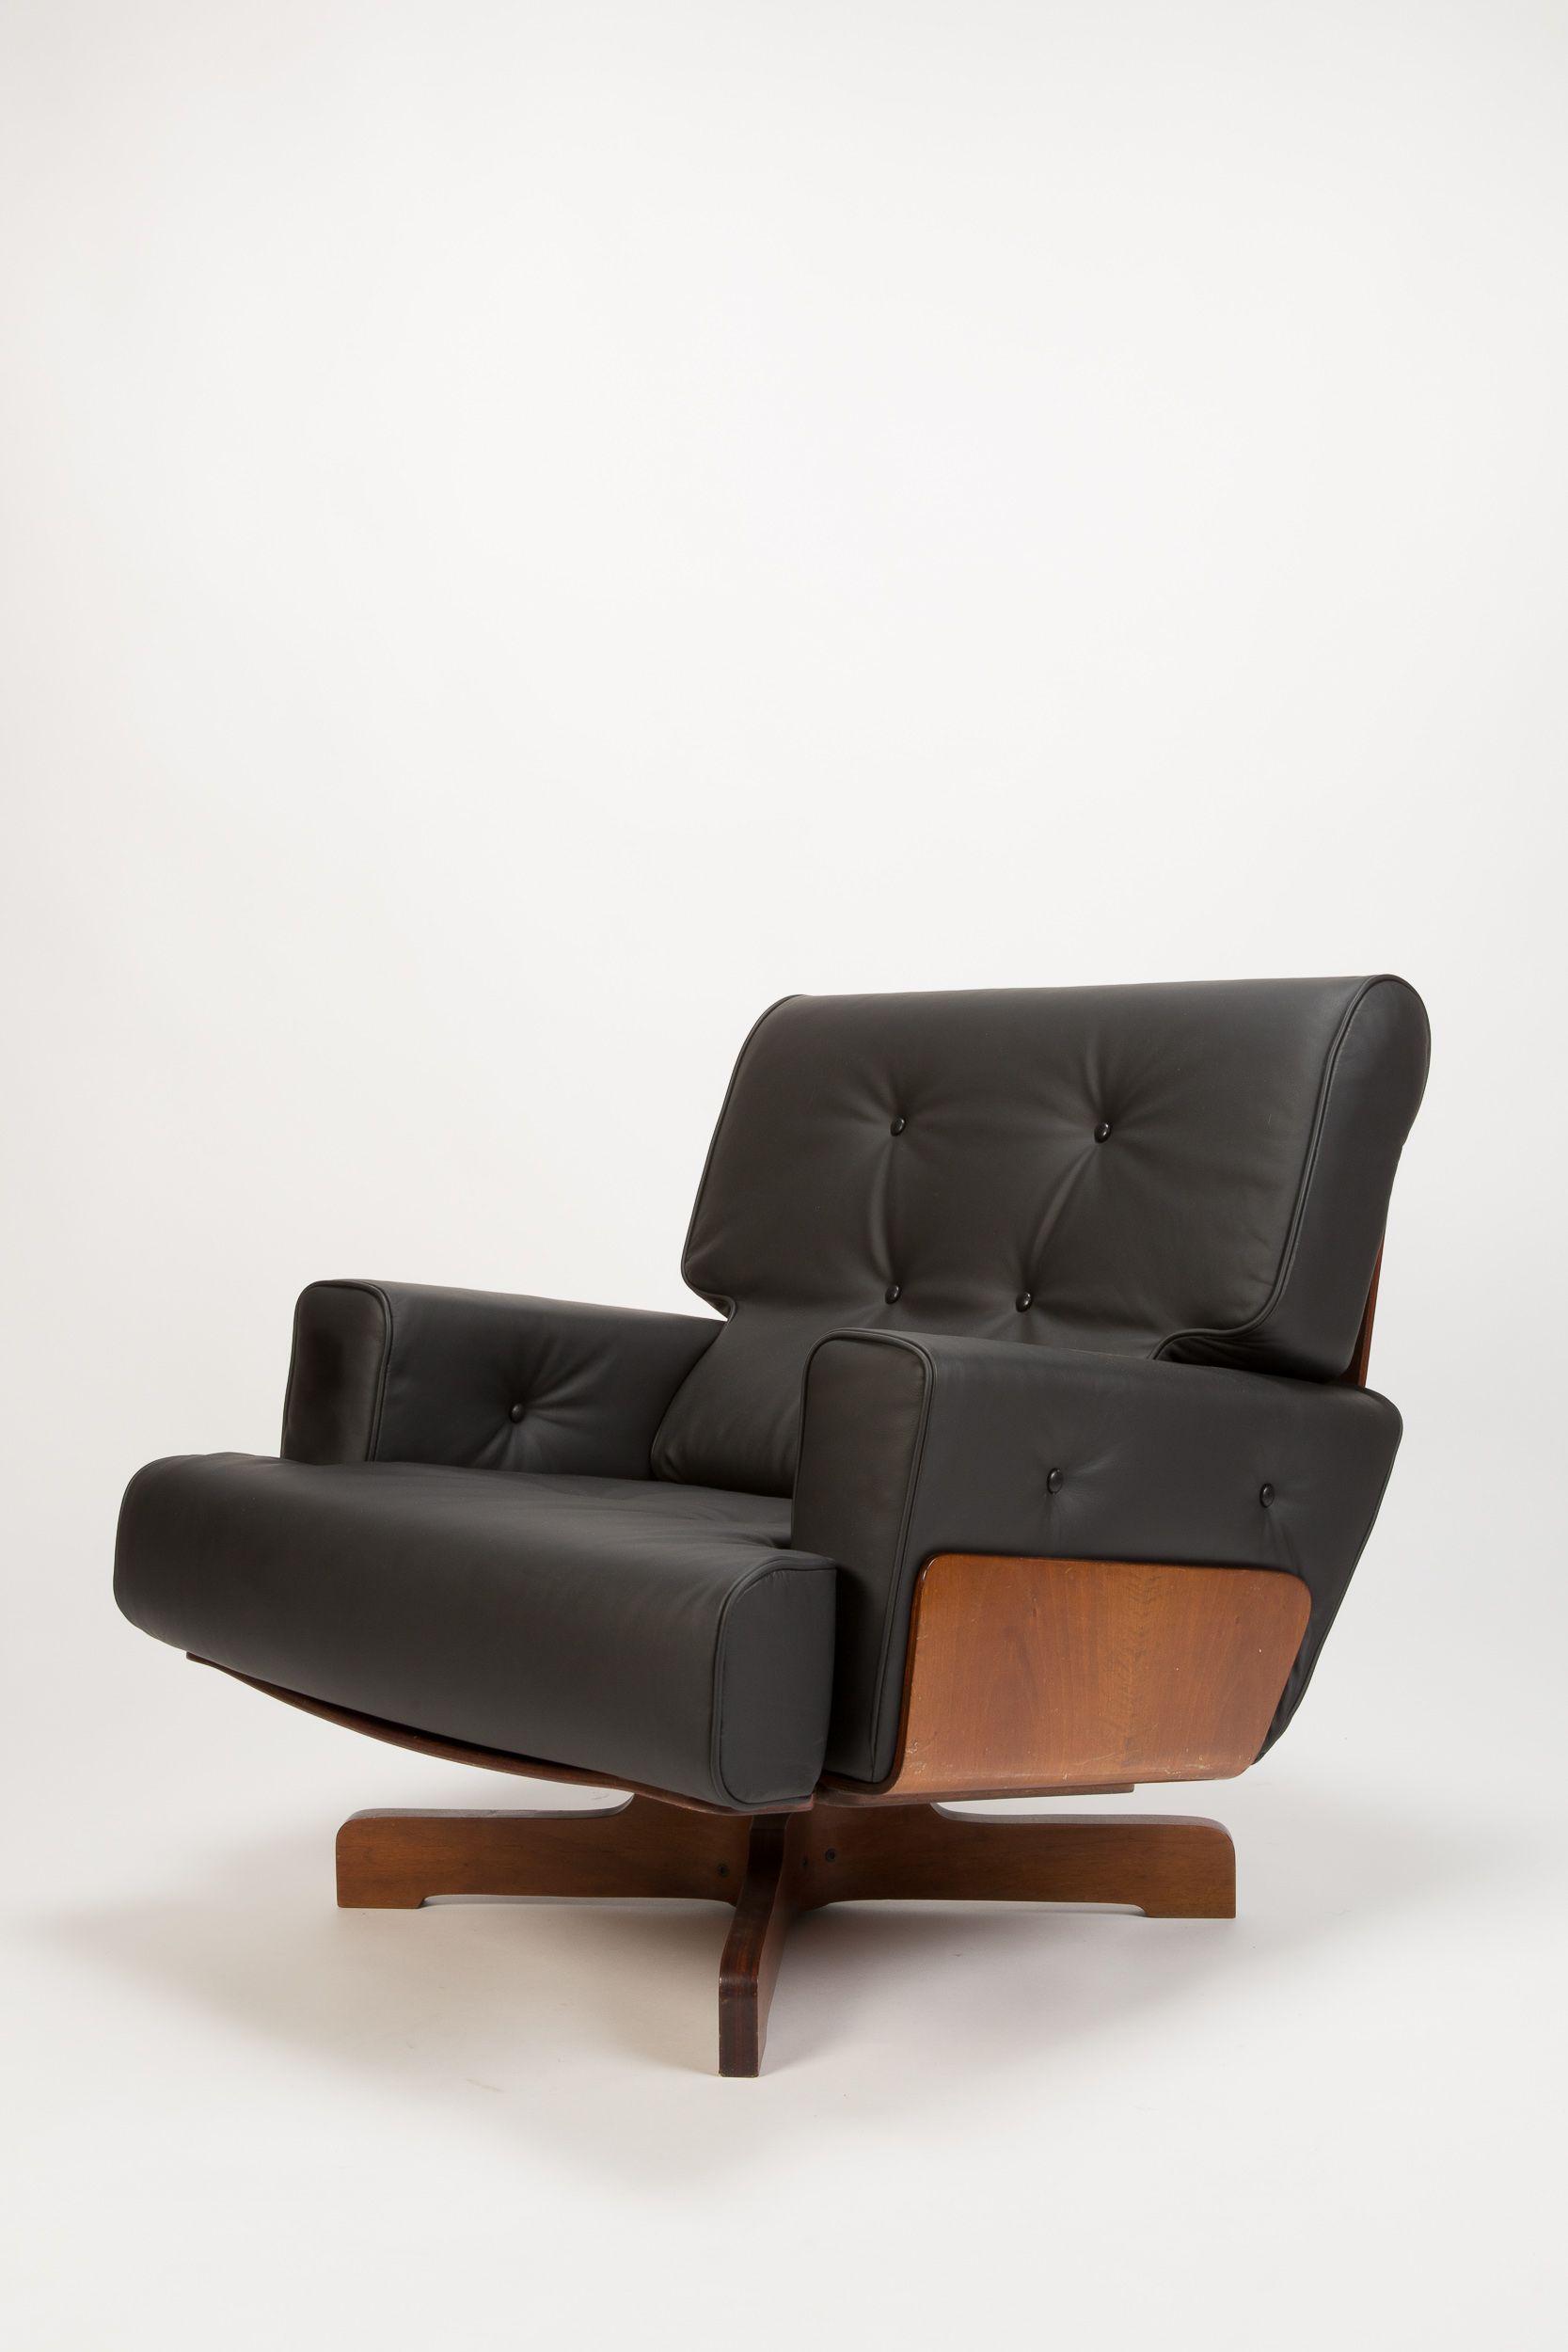 schwarzer little chester kinder sessel italienisches leder spiele sessel kinder spielzimmer. Black Bedroom Furniture Sets. Home Design Ideas